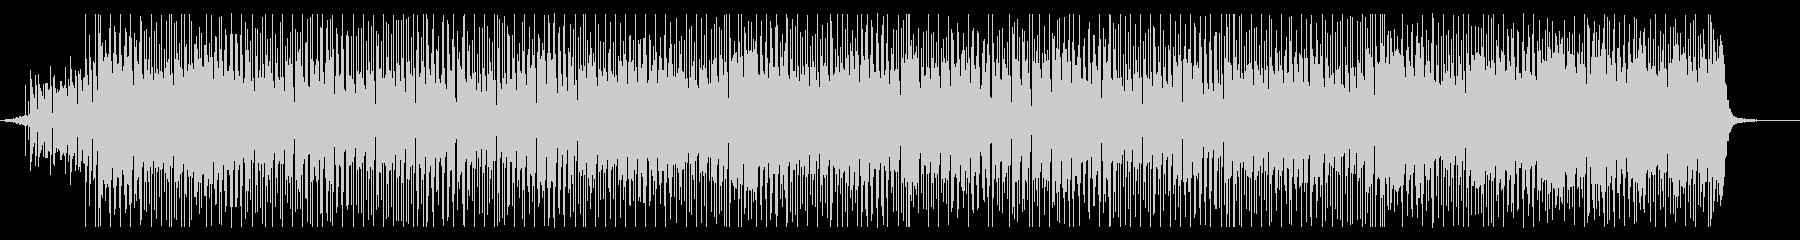 明るめシャッフル  ポップロックなBGMの未再生の波形